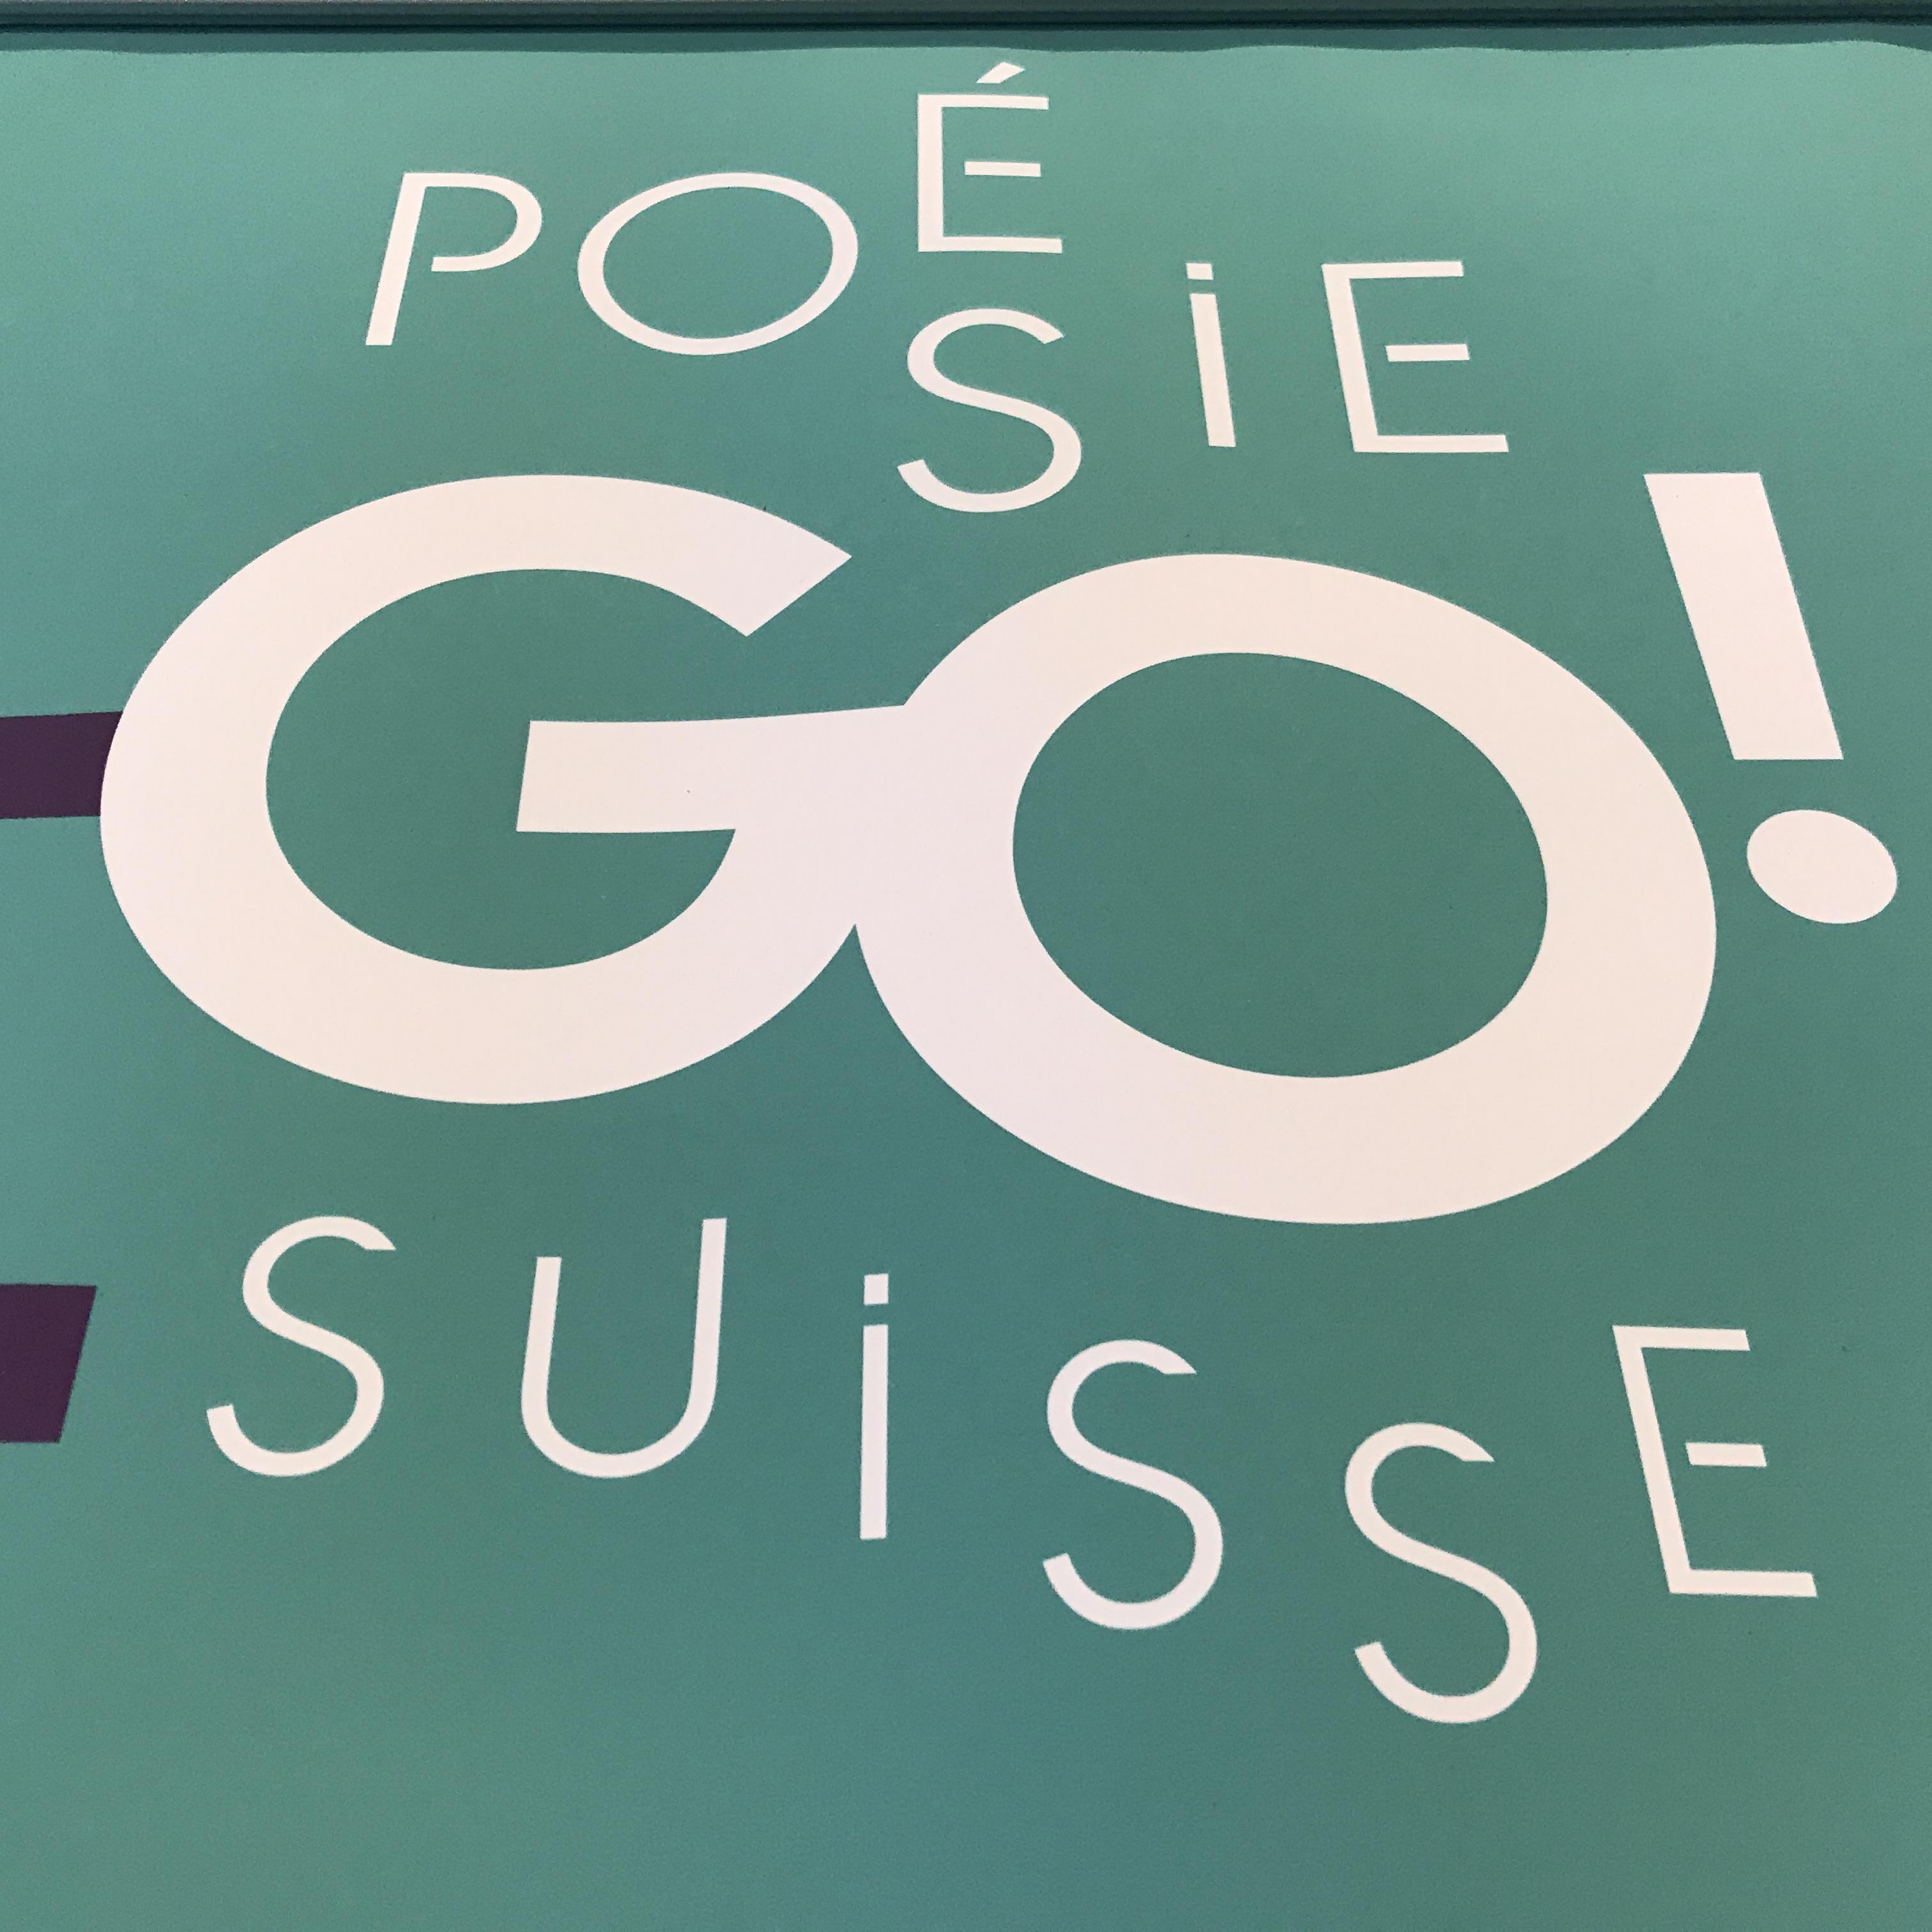 PoésieGo ! Projet inédit de balados avec six poètes québécois et six poètes suisses